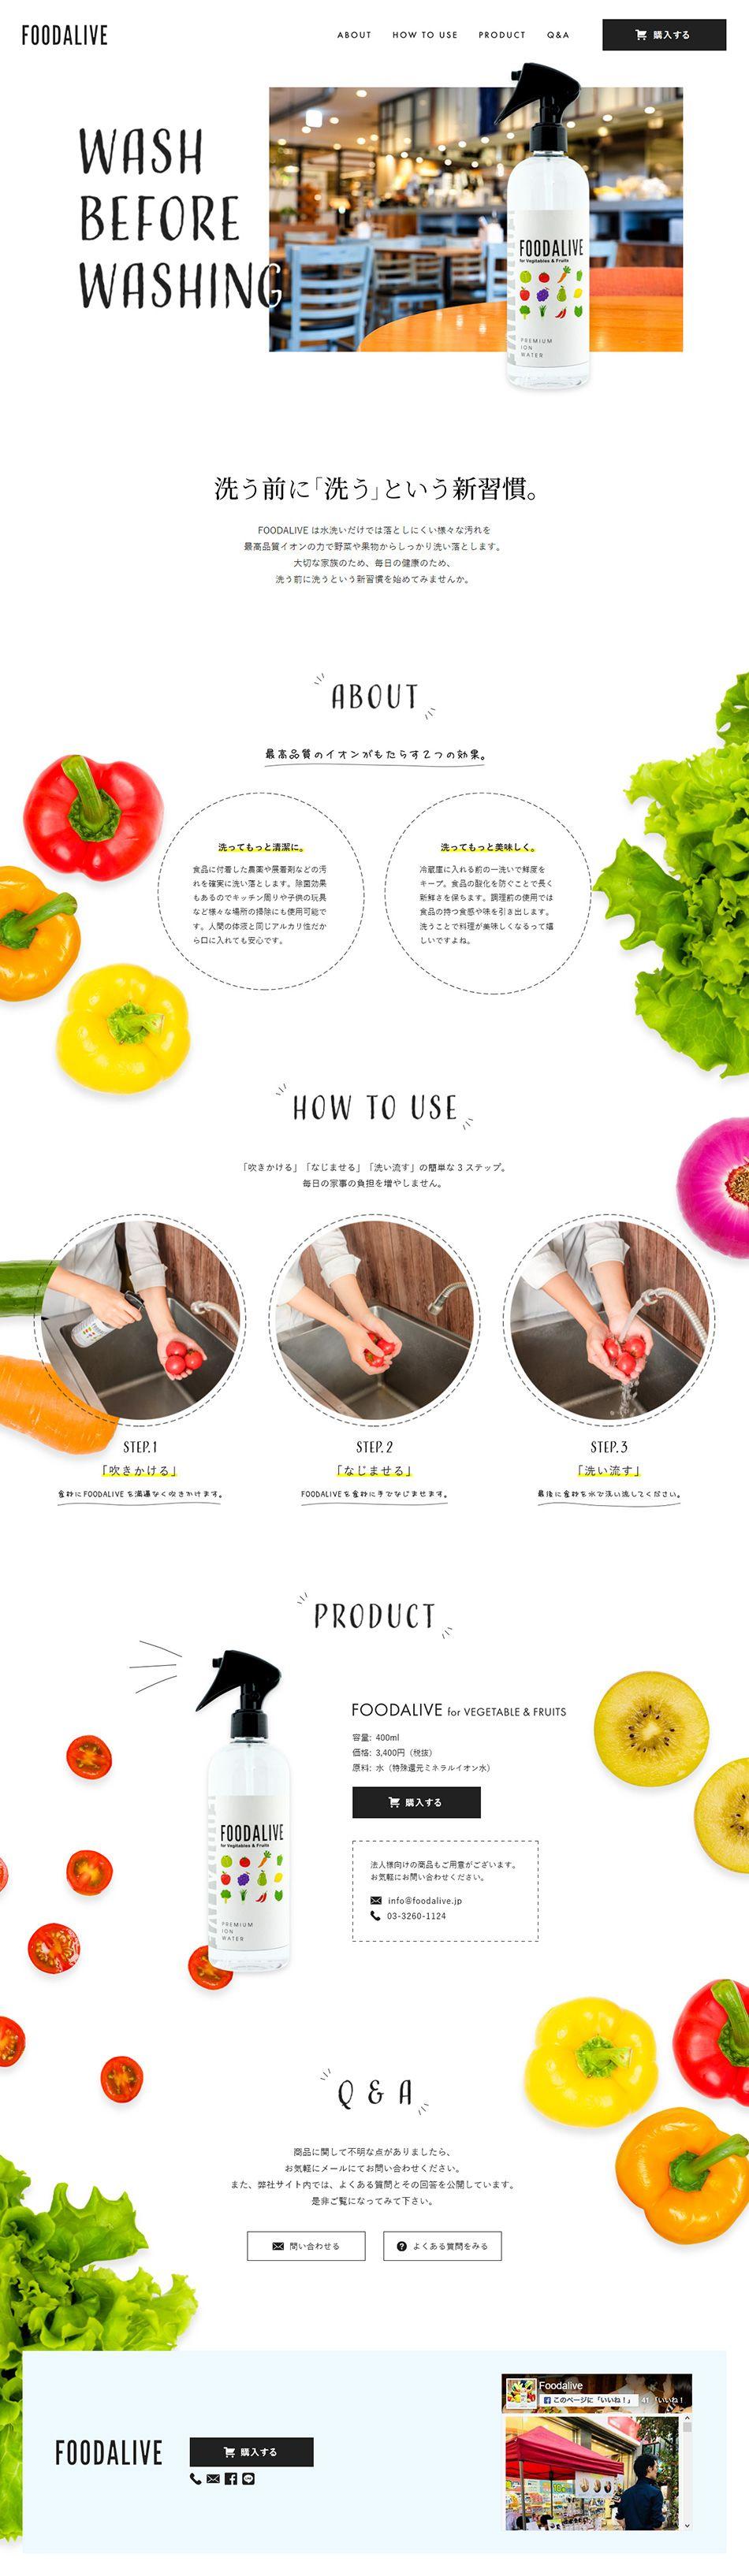 株式会社サウンドテック様の Foodalive のランディングページ Lp 清潔系 日用雑貨 Lp ランディングページ ランペ Foodalive Lp デザイン パンフレット デザイン ウェブデザイン